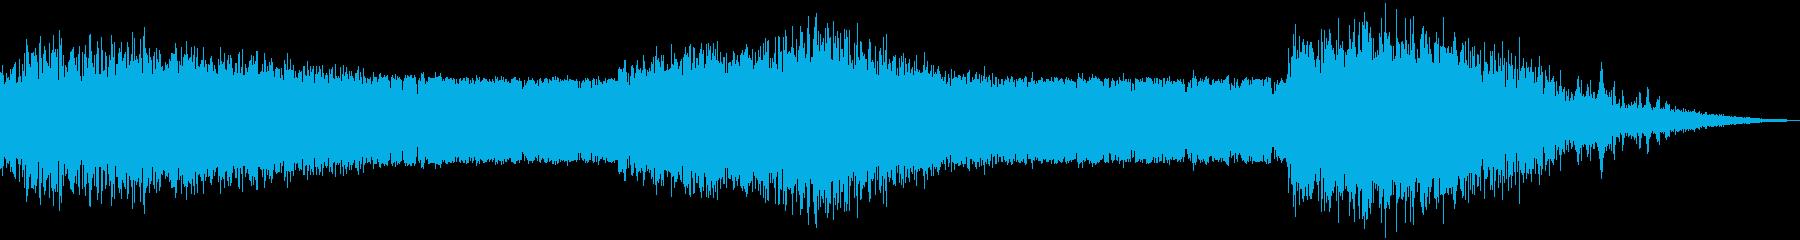 【ダークアンビエント】 最後の砦の再生済みの波形